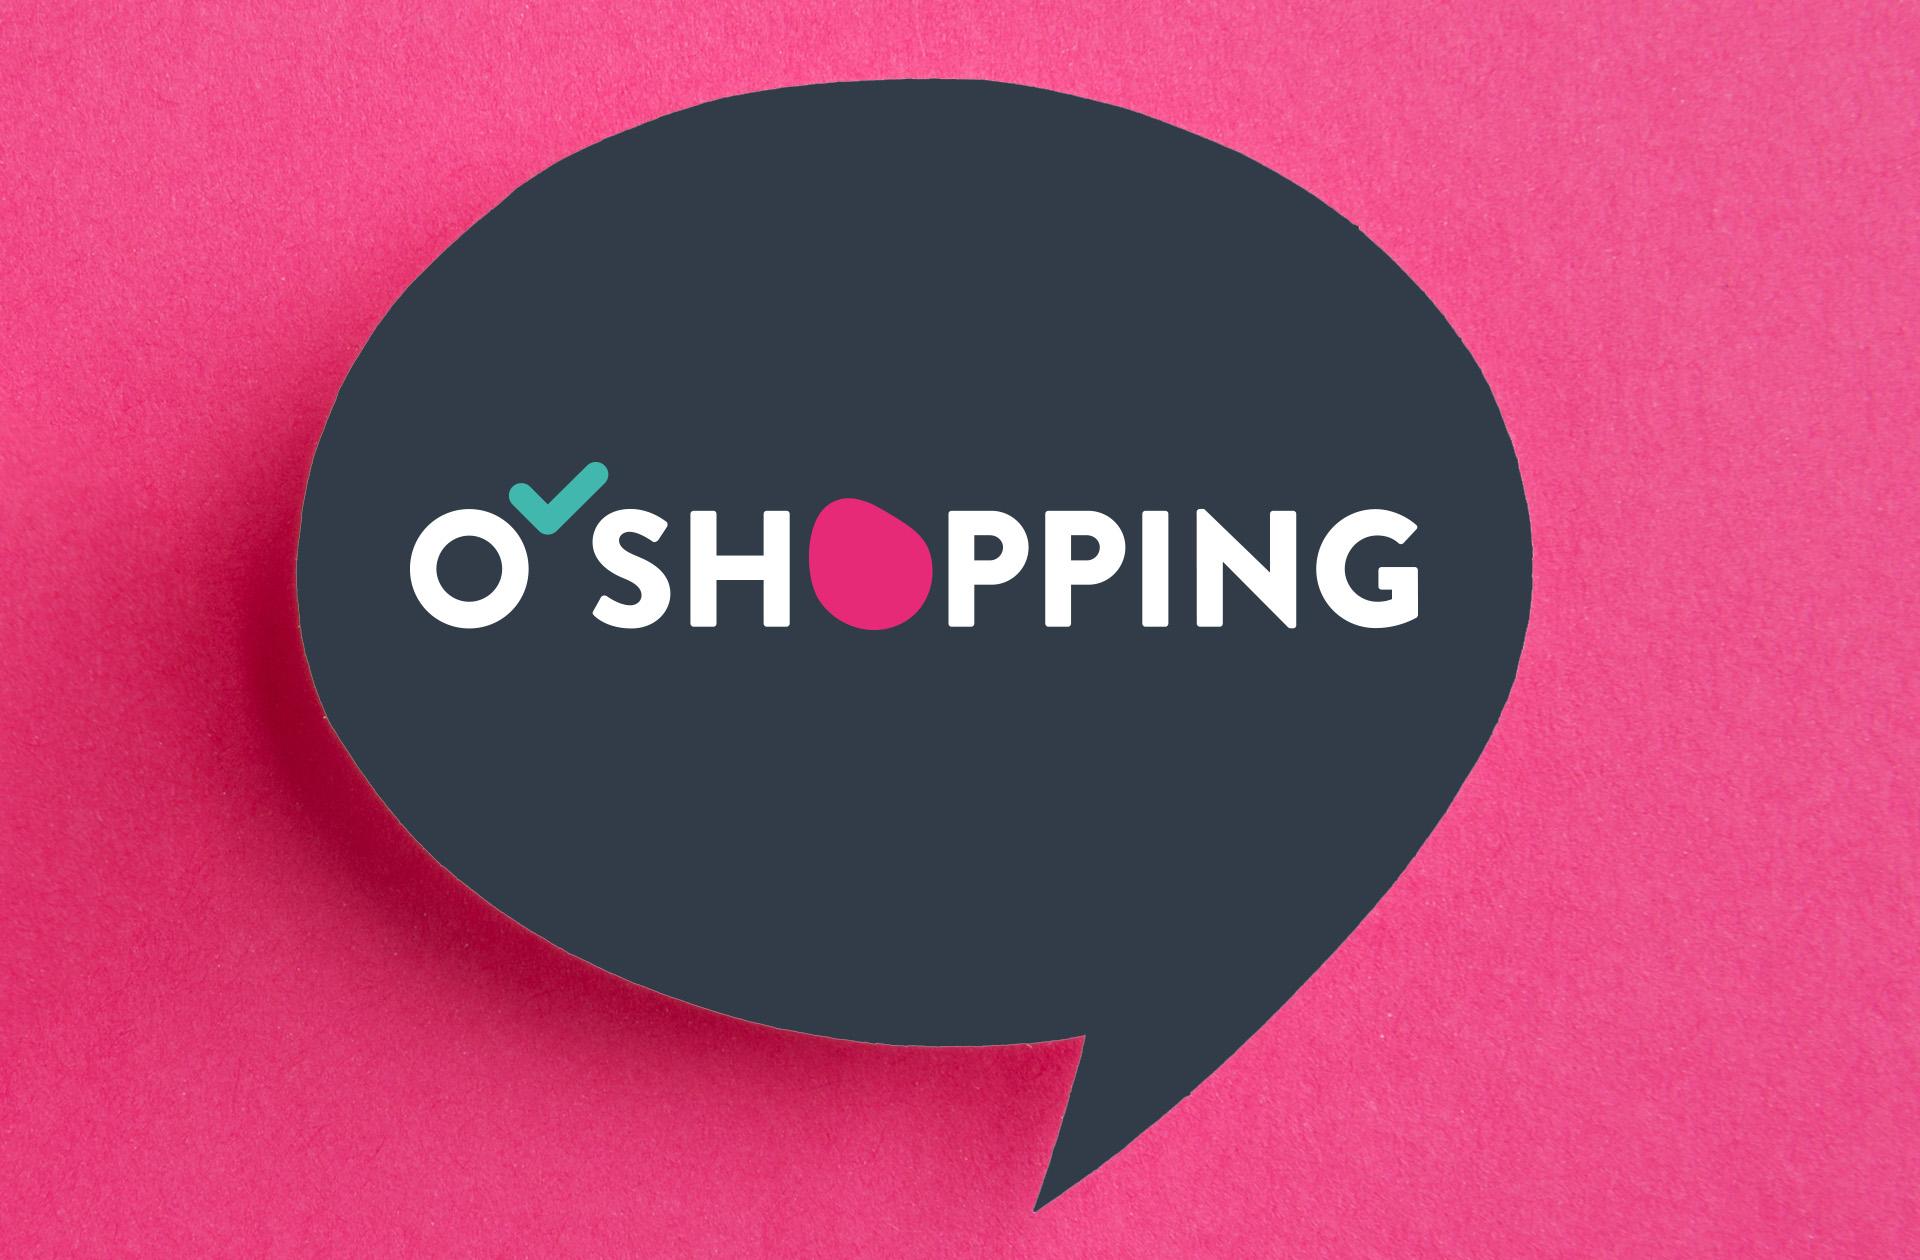 OSHOPPING